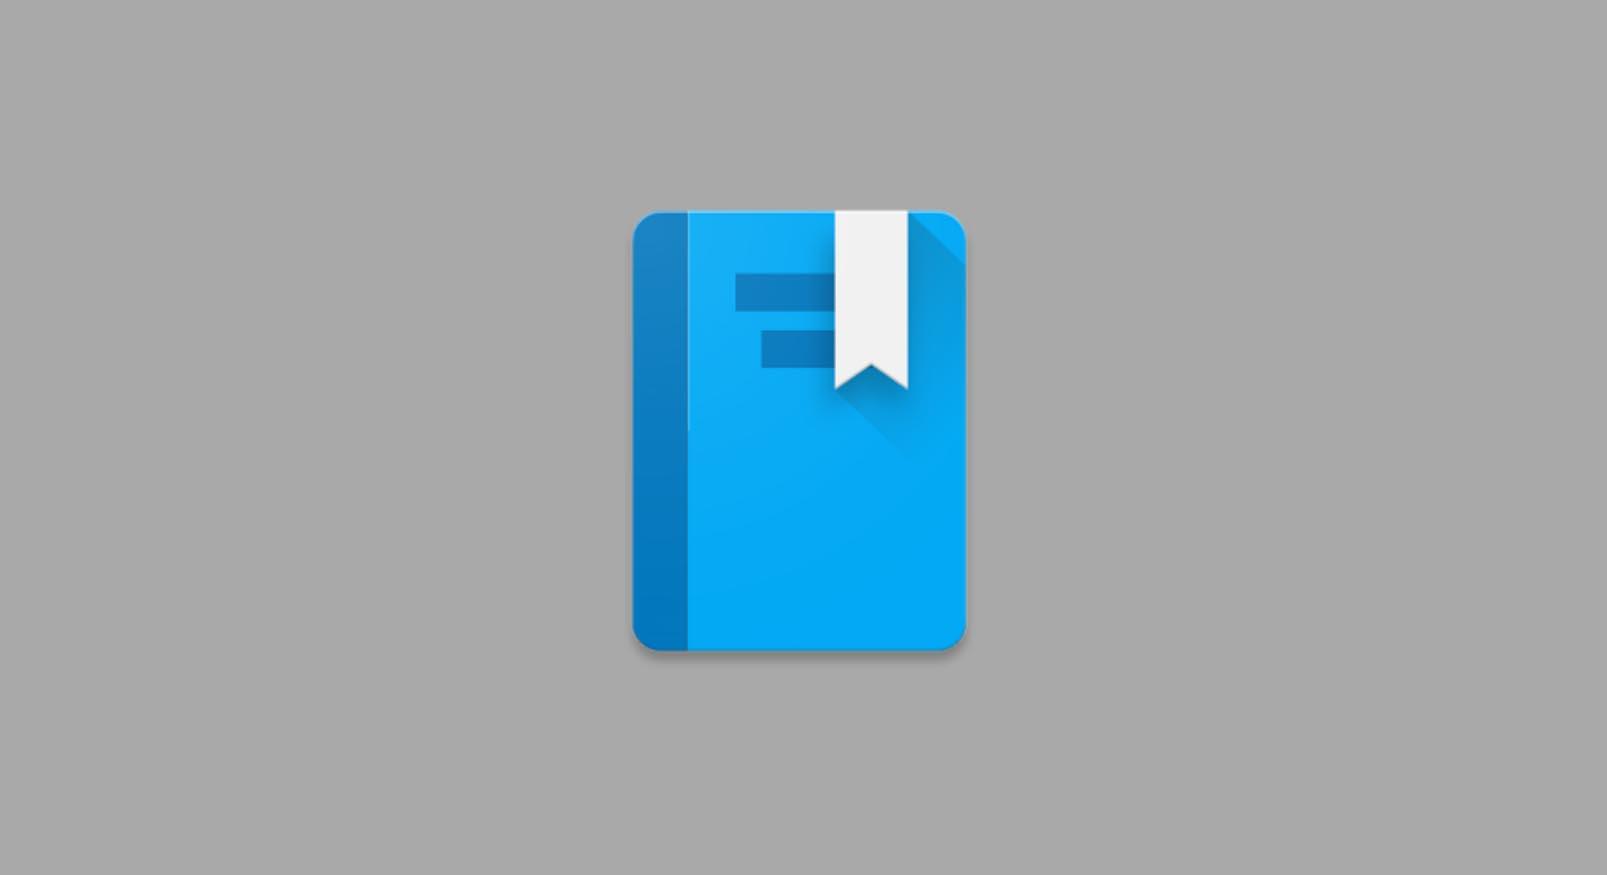 Play Books version 3 6 update brings